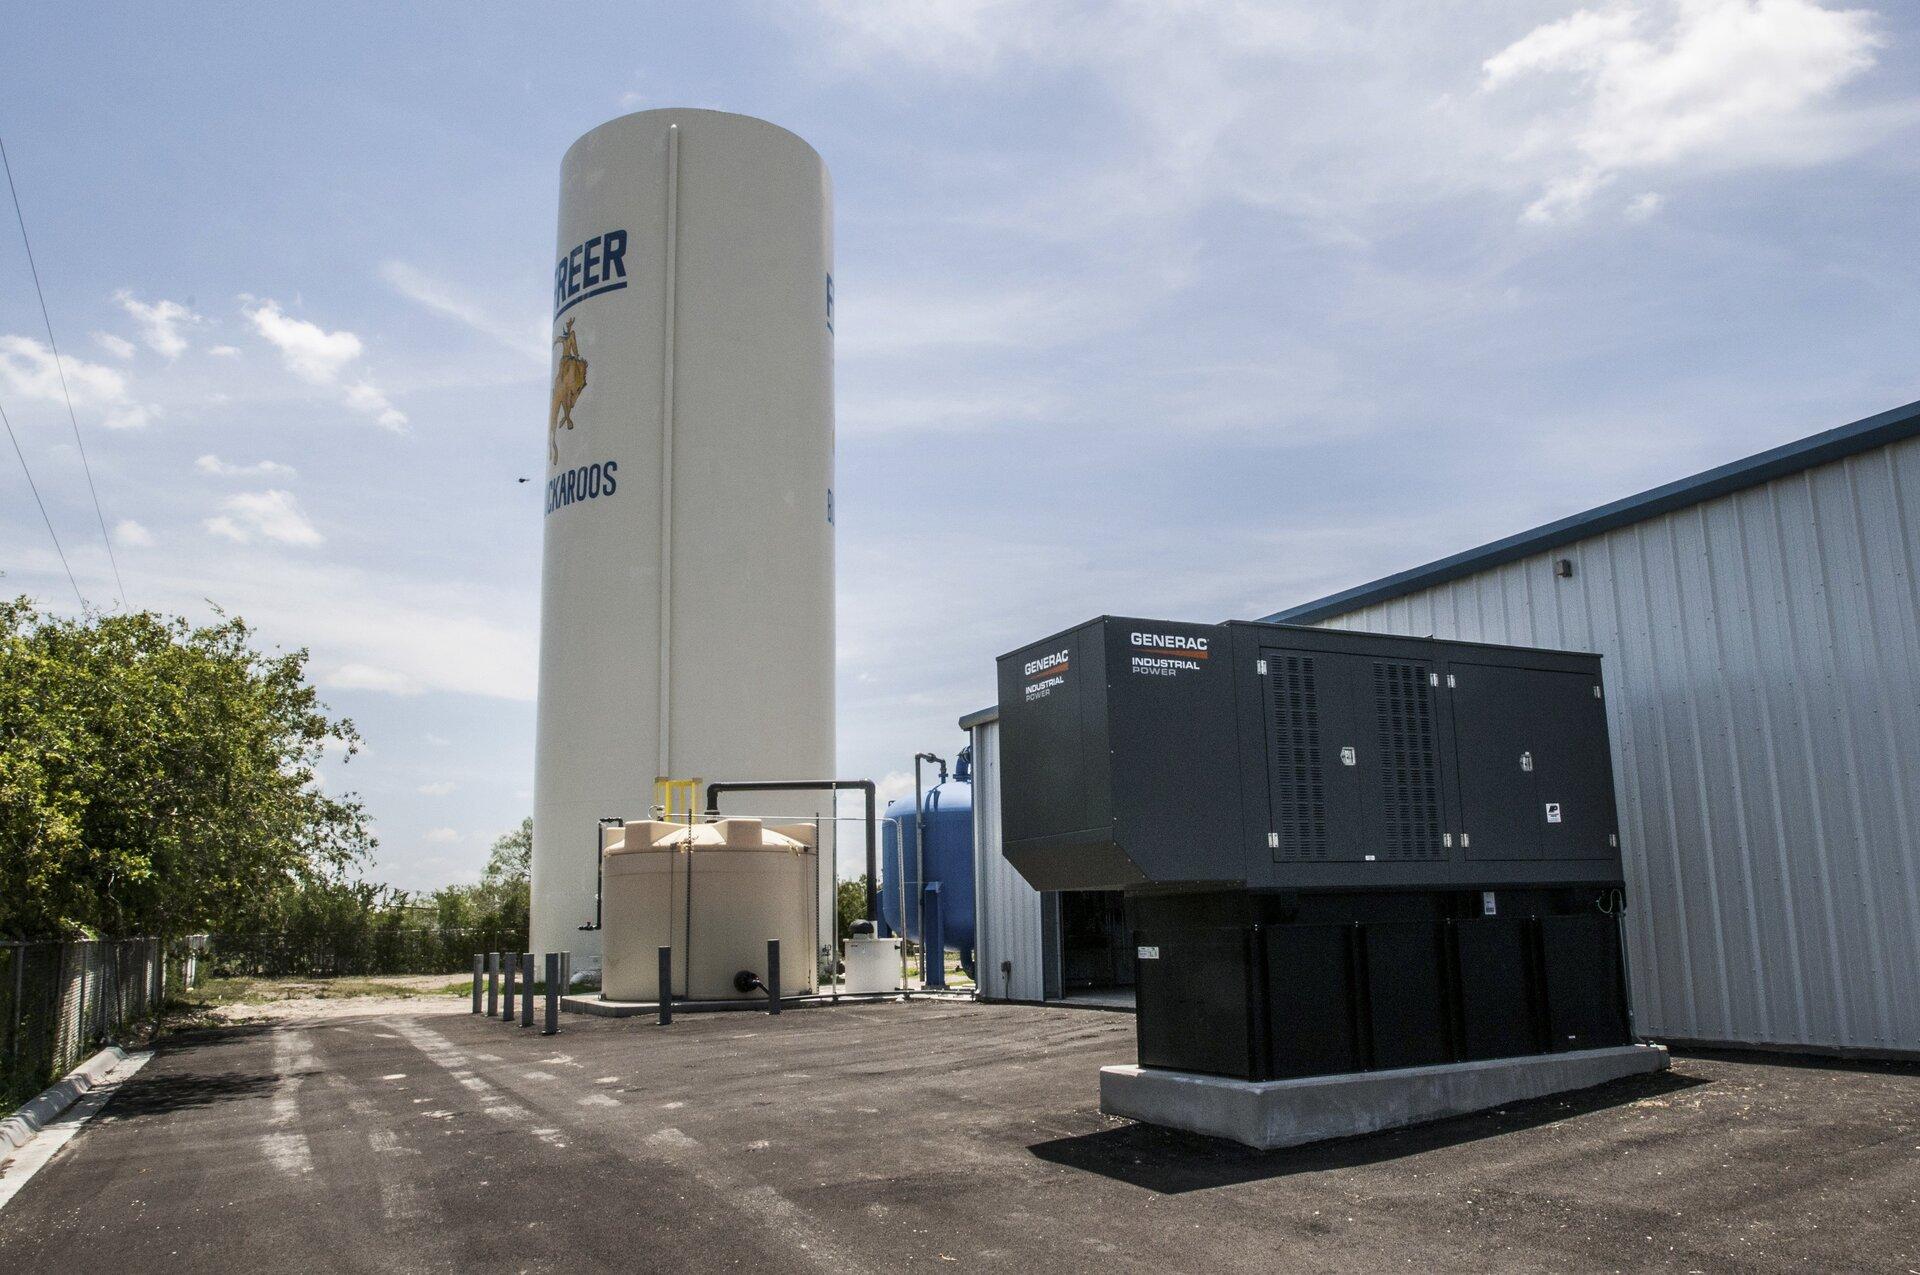 Zdjęcie przedstawia instalację do neutralizowania arszeniku wwodzie czerpanej ze studni głębinowych. Teren otoczony drzewami, plac pokryty asfaltem. Po prawej stronie budynek kontenerowy zwjazdem dla ciężarówek icystern, wcentrum kadru wieża ciśnień oraz dwa mniejsze metalowe zbiorniki: jeden na wodę, adrugi na chlorowodór wykorzystywany jako regulator kwasowości.